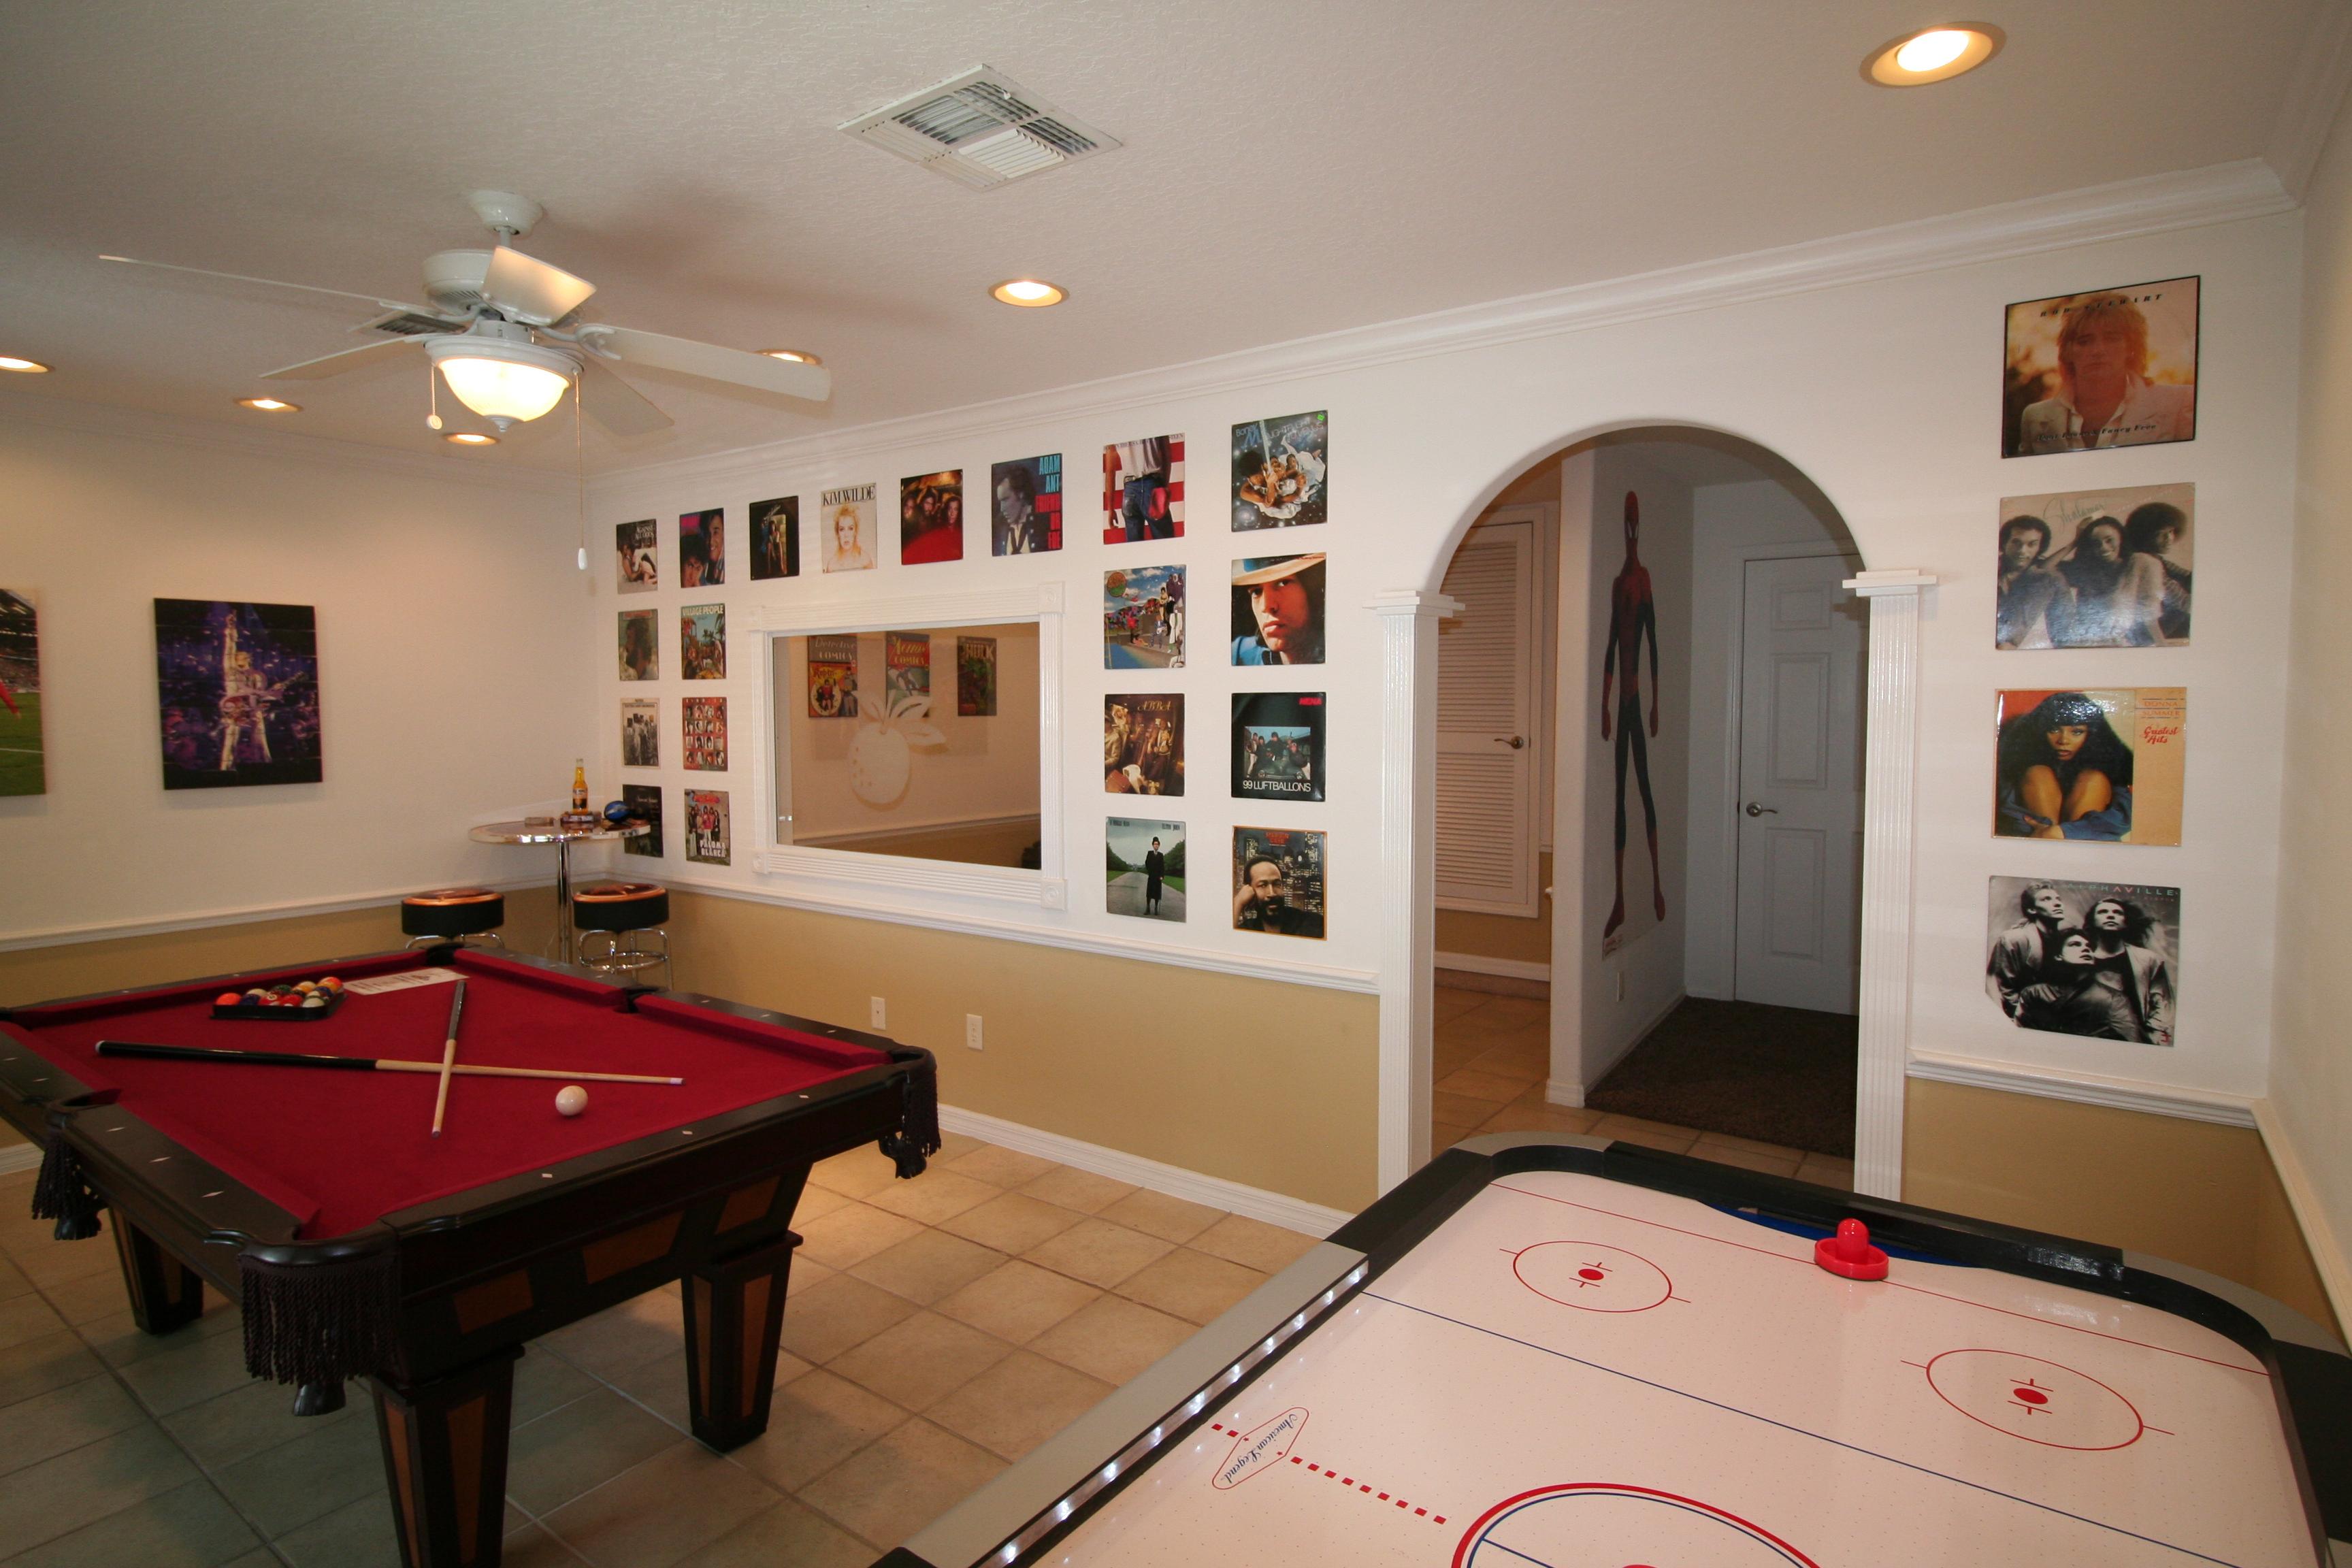 Game rooms ⋆ Villa LeVi-Style - a unique villa in Florida